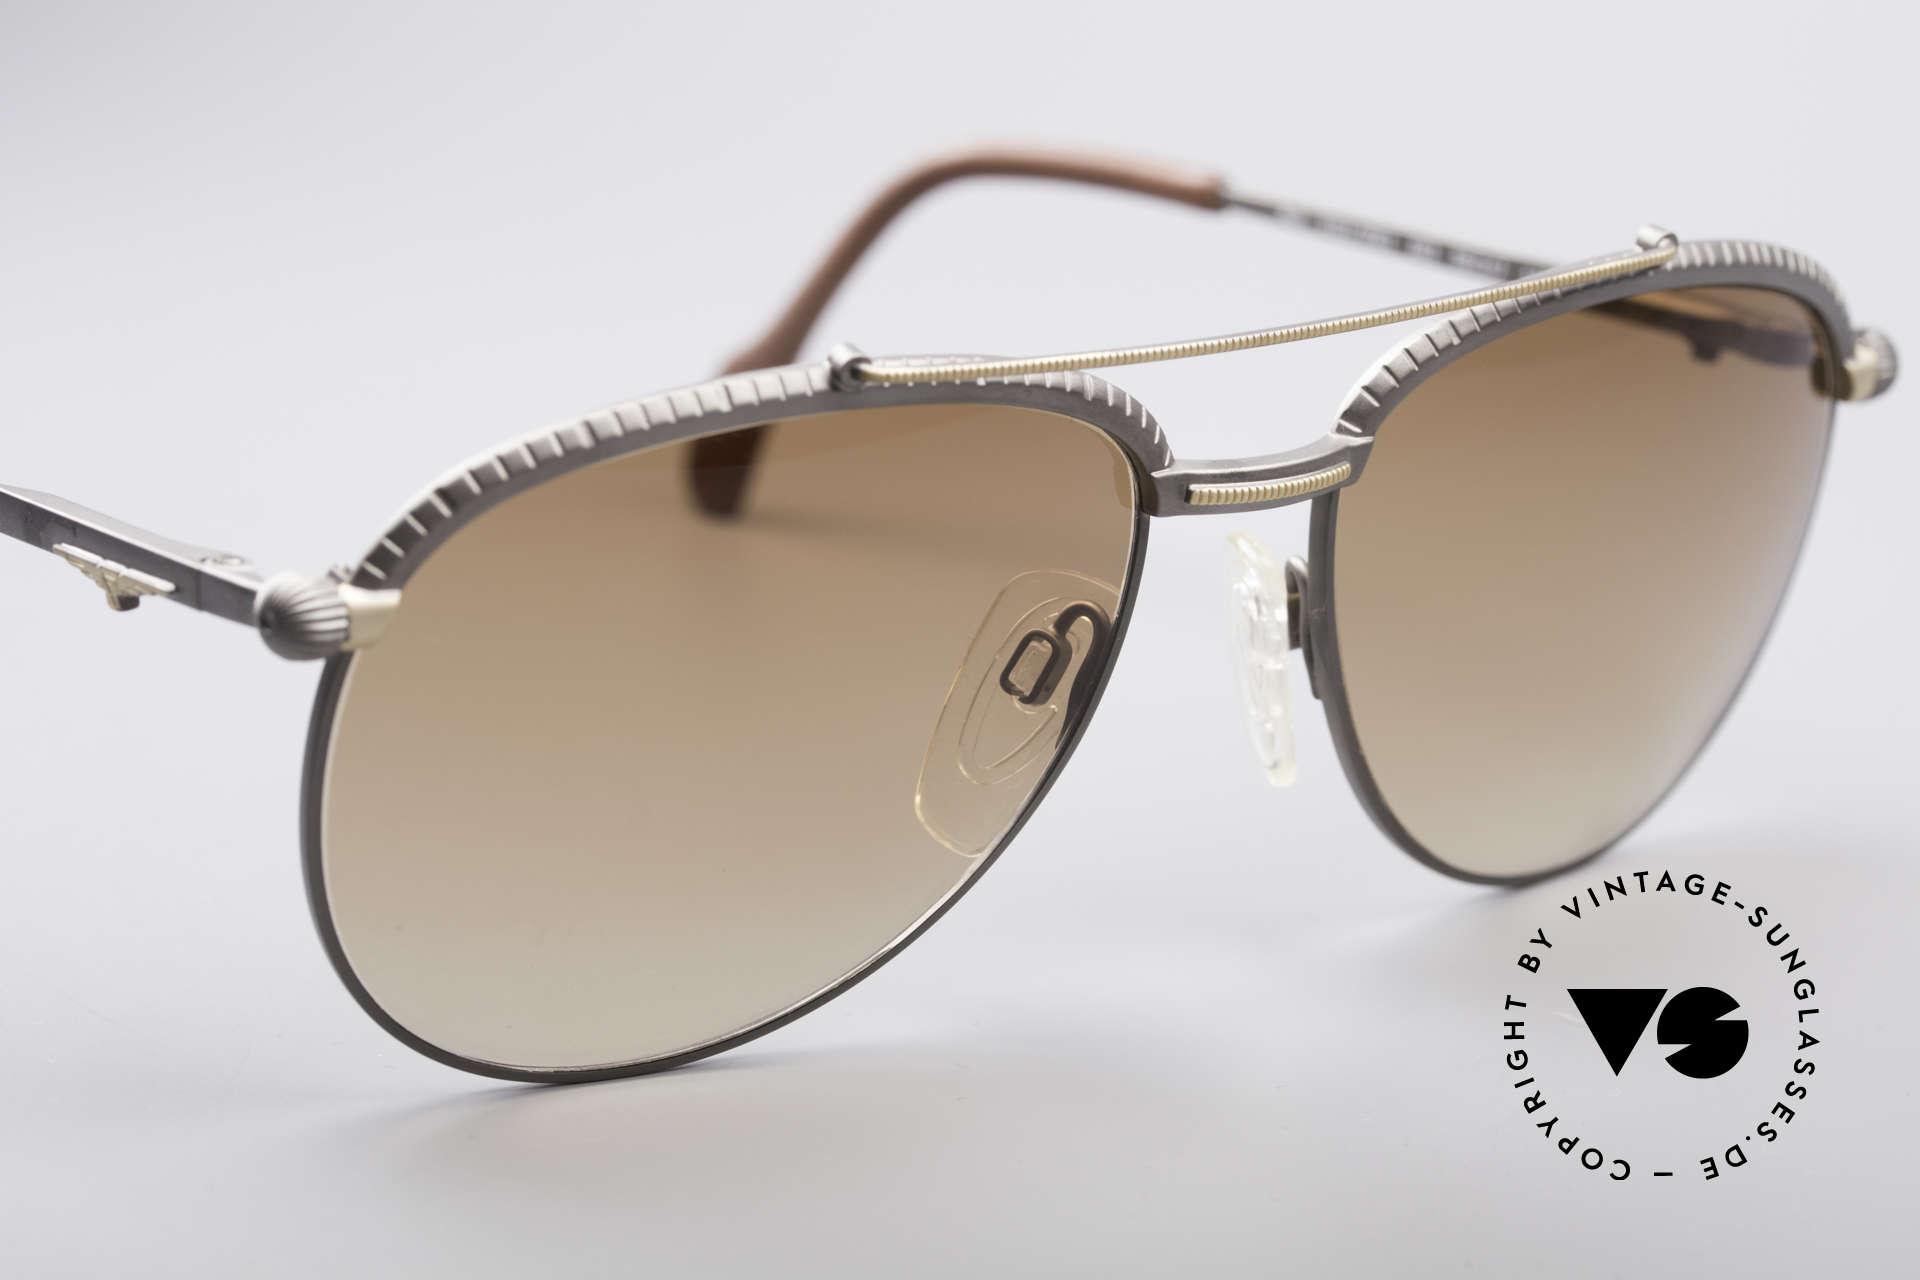 Longines 0161 80er Luxus Sonnenbrille, KEINE Retromode; ein circa 30 Jahre altes ORIGINAL!, Passend für Herren